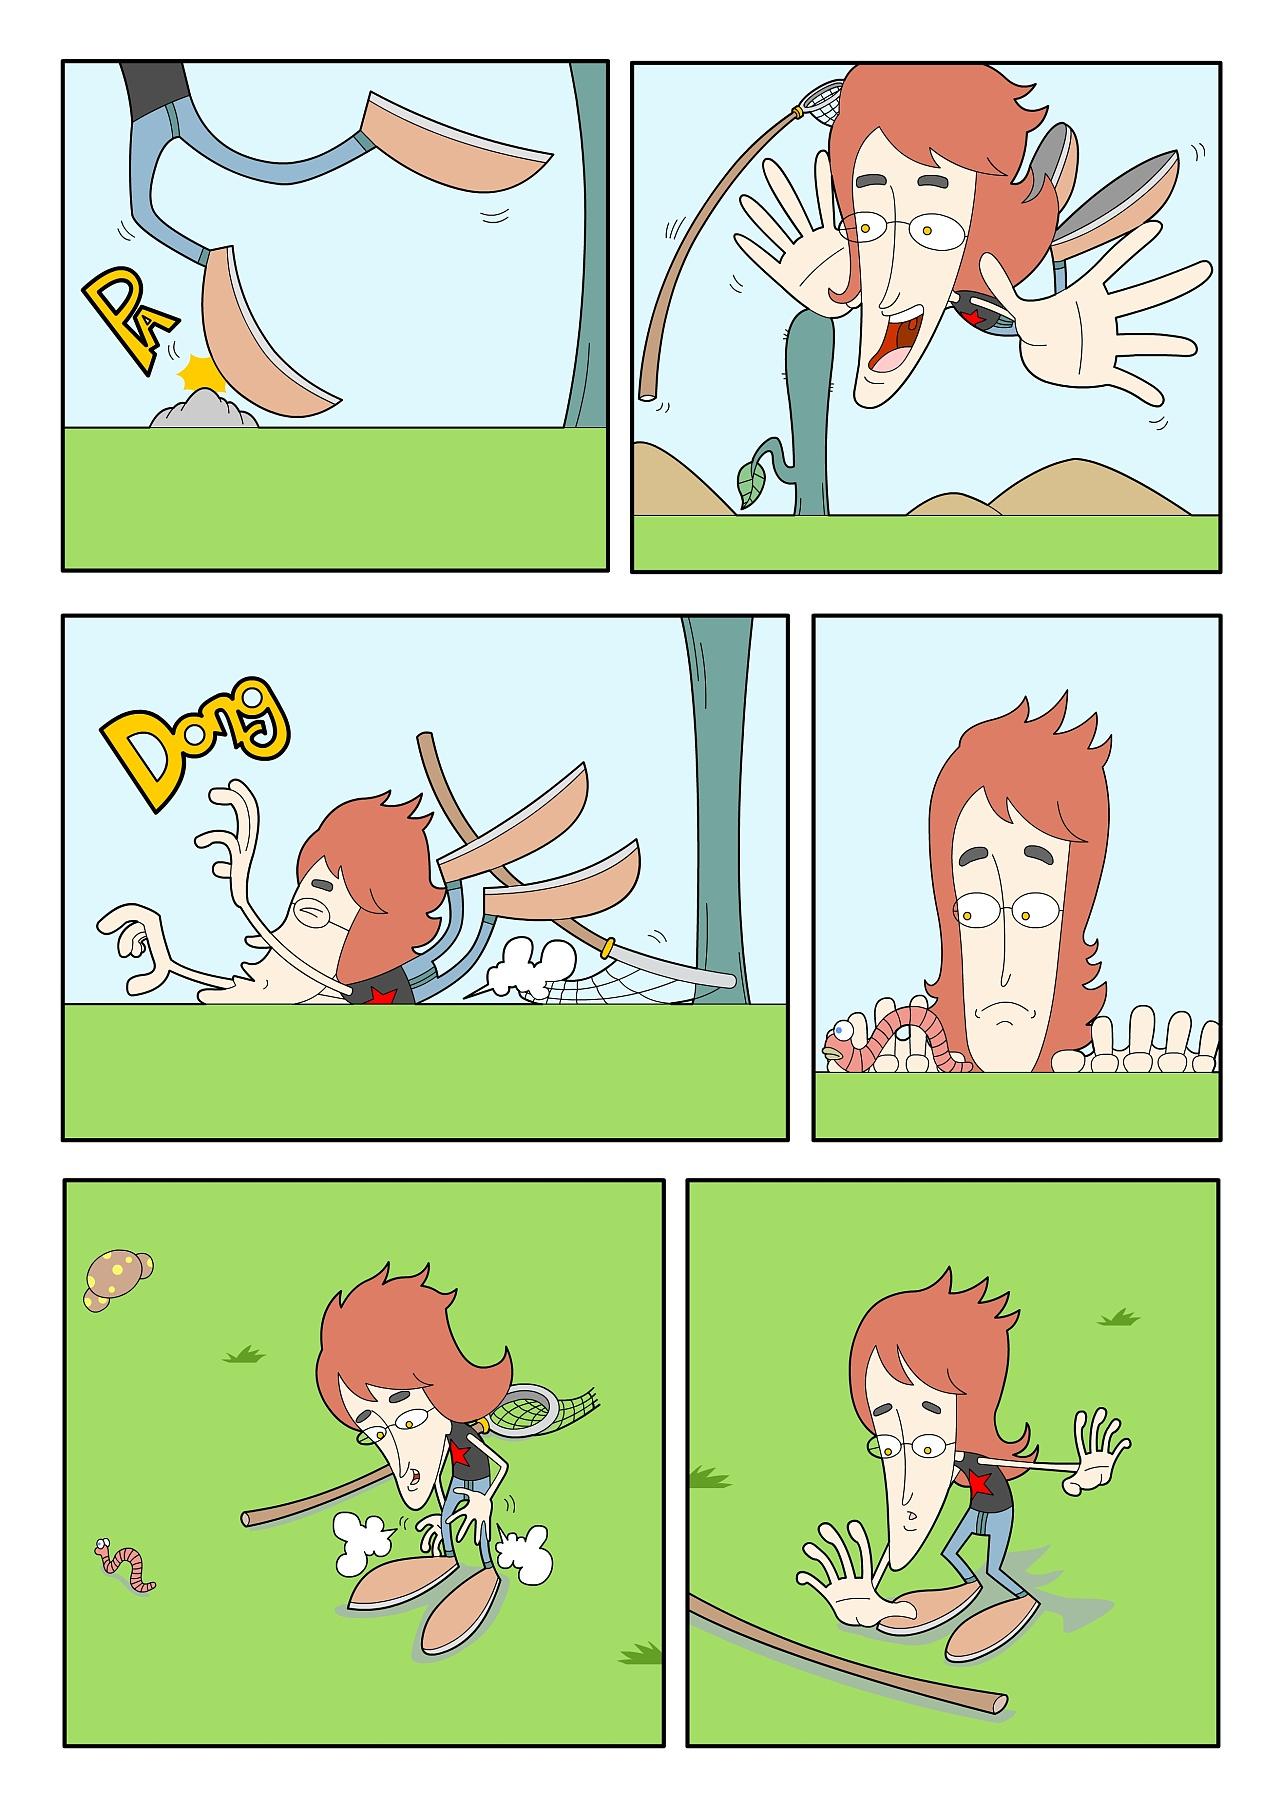 从此规则美女找到开始王寅的饮食起居,王寅就照顾自己真正的蝴蝶理想漫画图片校园图片